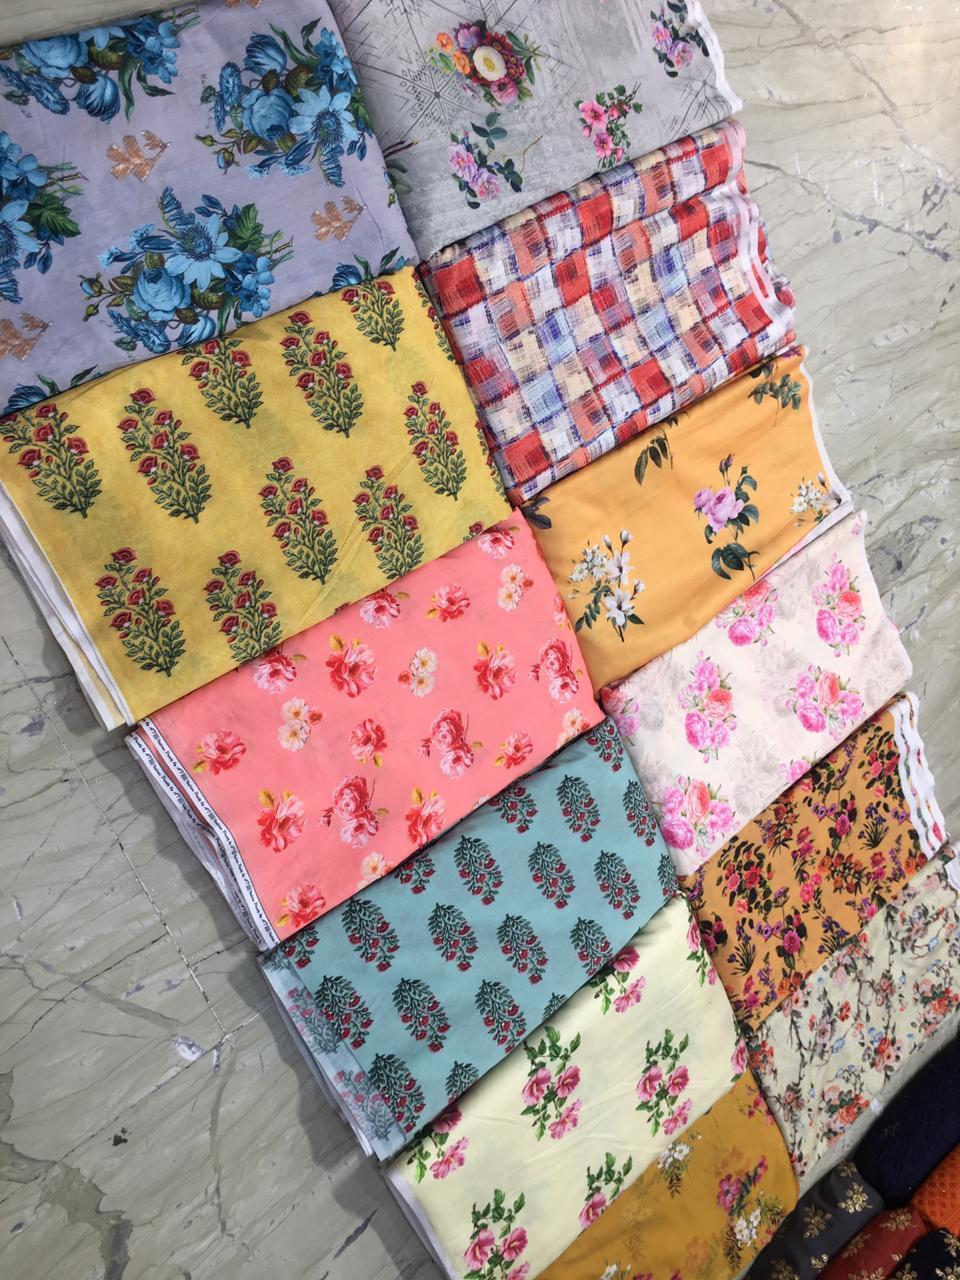 Georgette Digital Printed Fabric